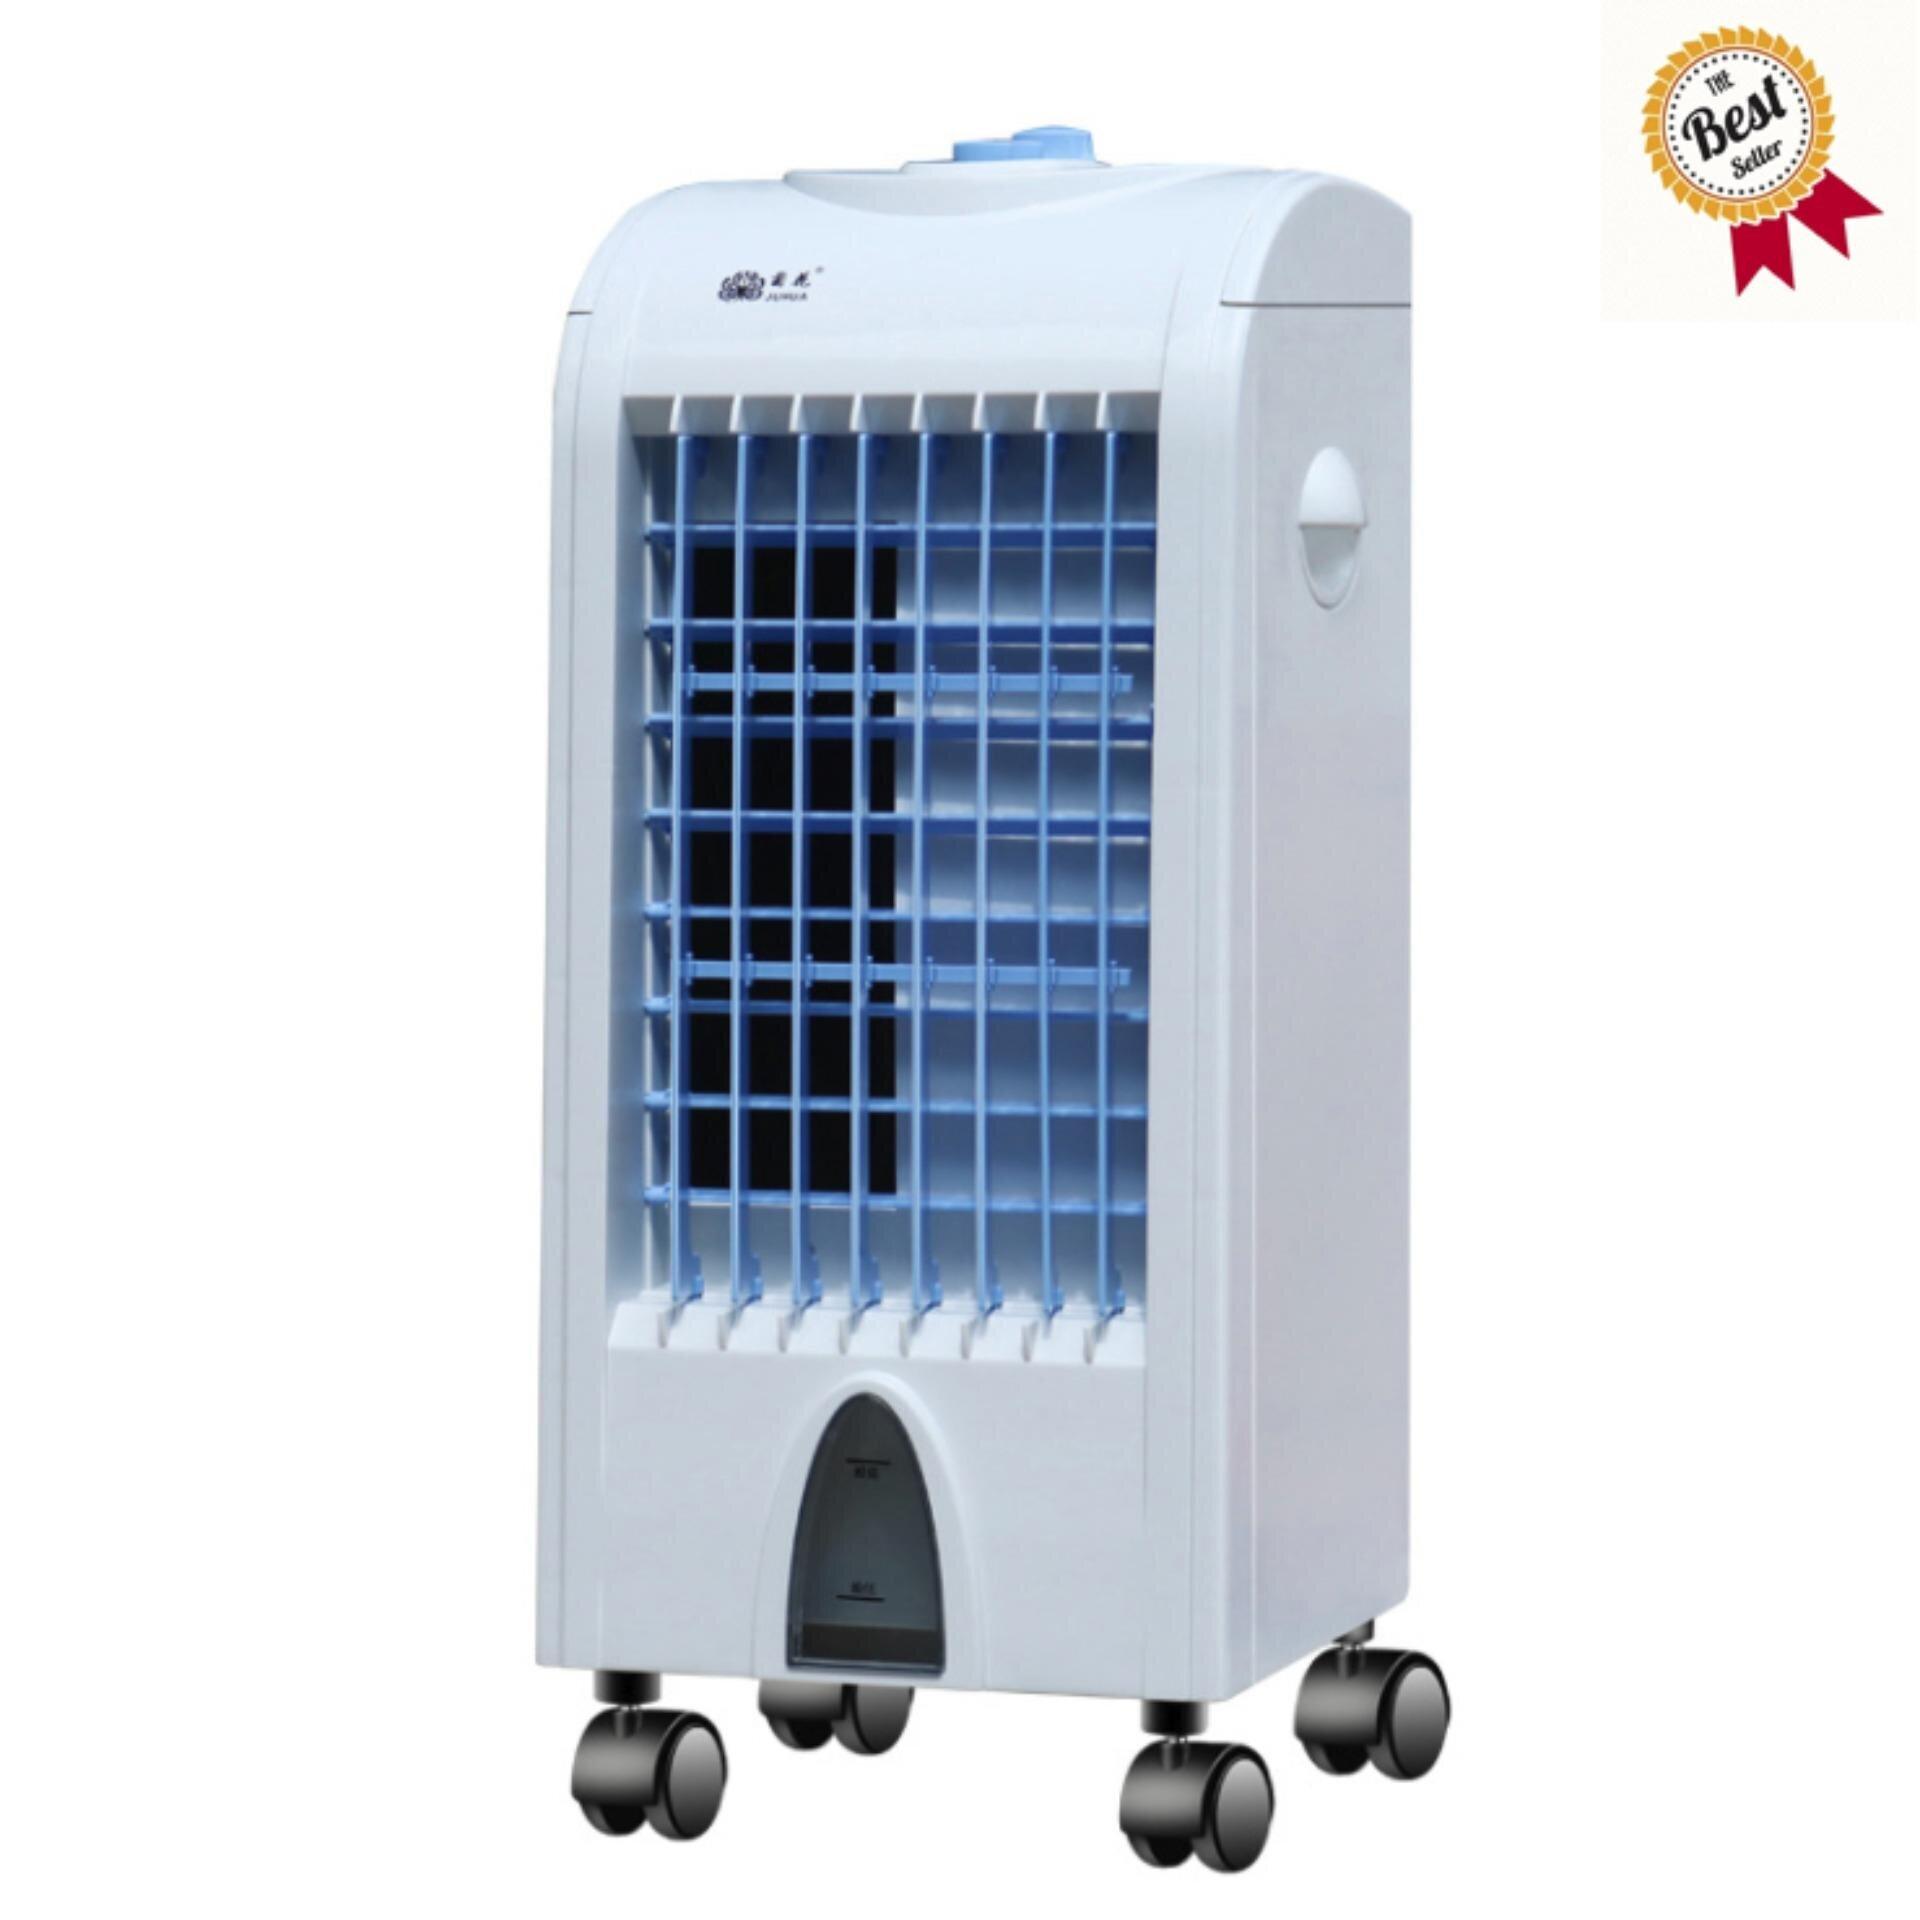 Quạt điều hòa không khí Juhua BFK6001